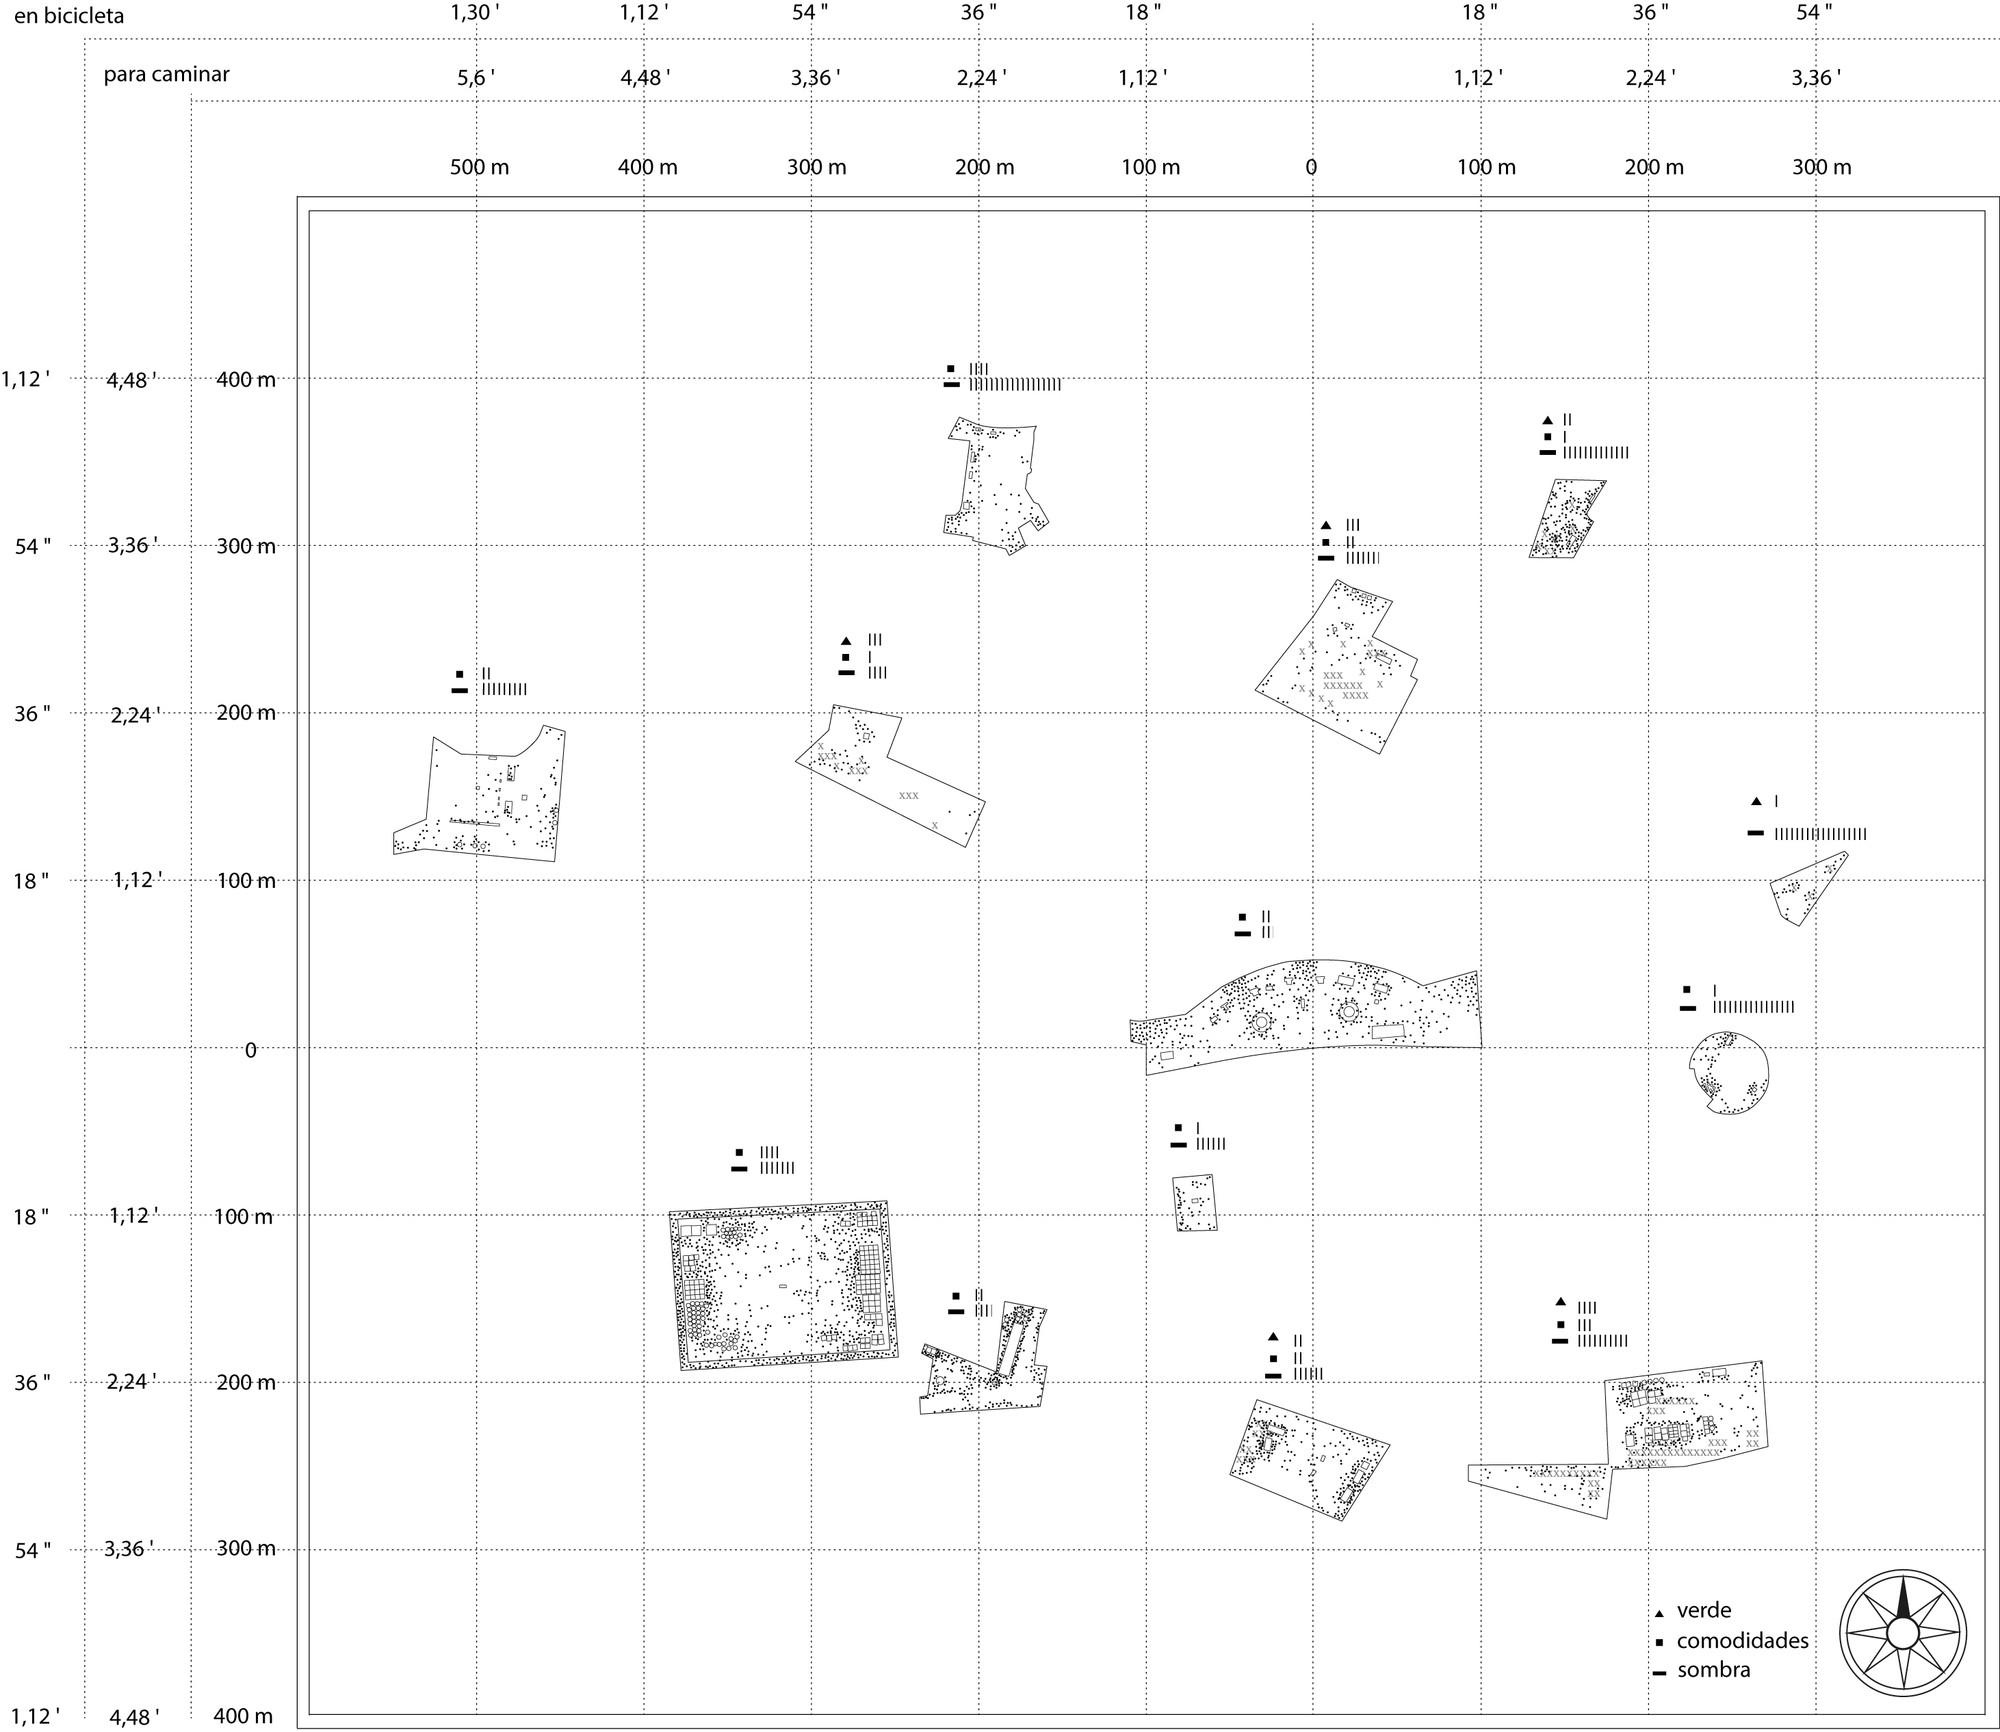 Propuesta: Constelación (Costellazione). Image Cortesia de Fosbury Architecture